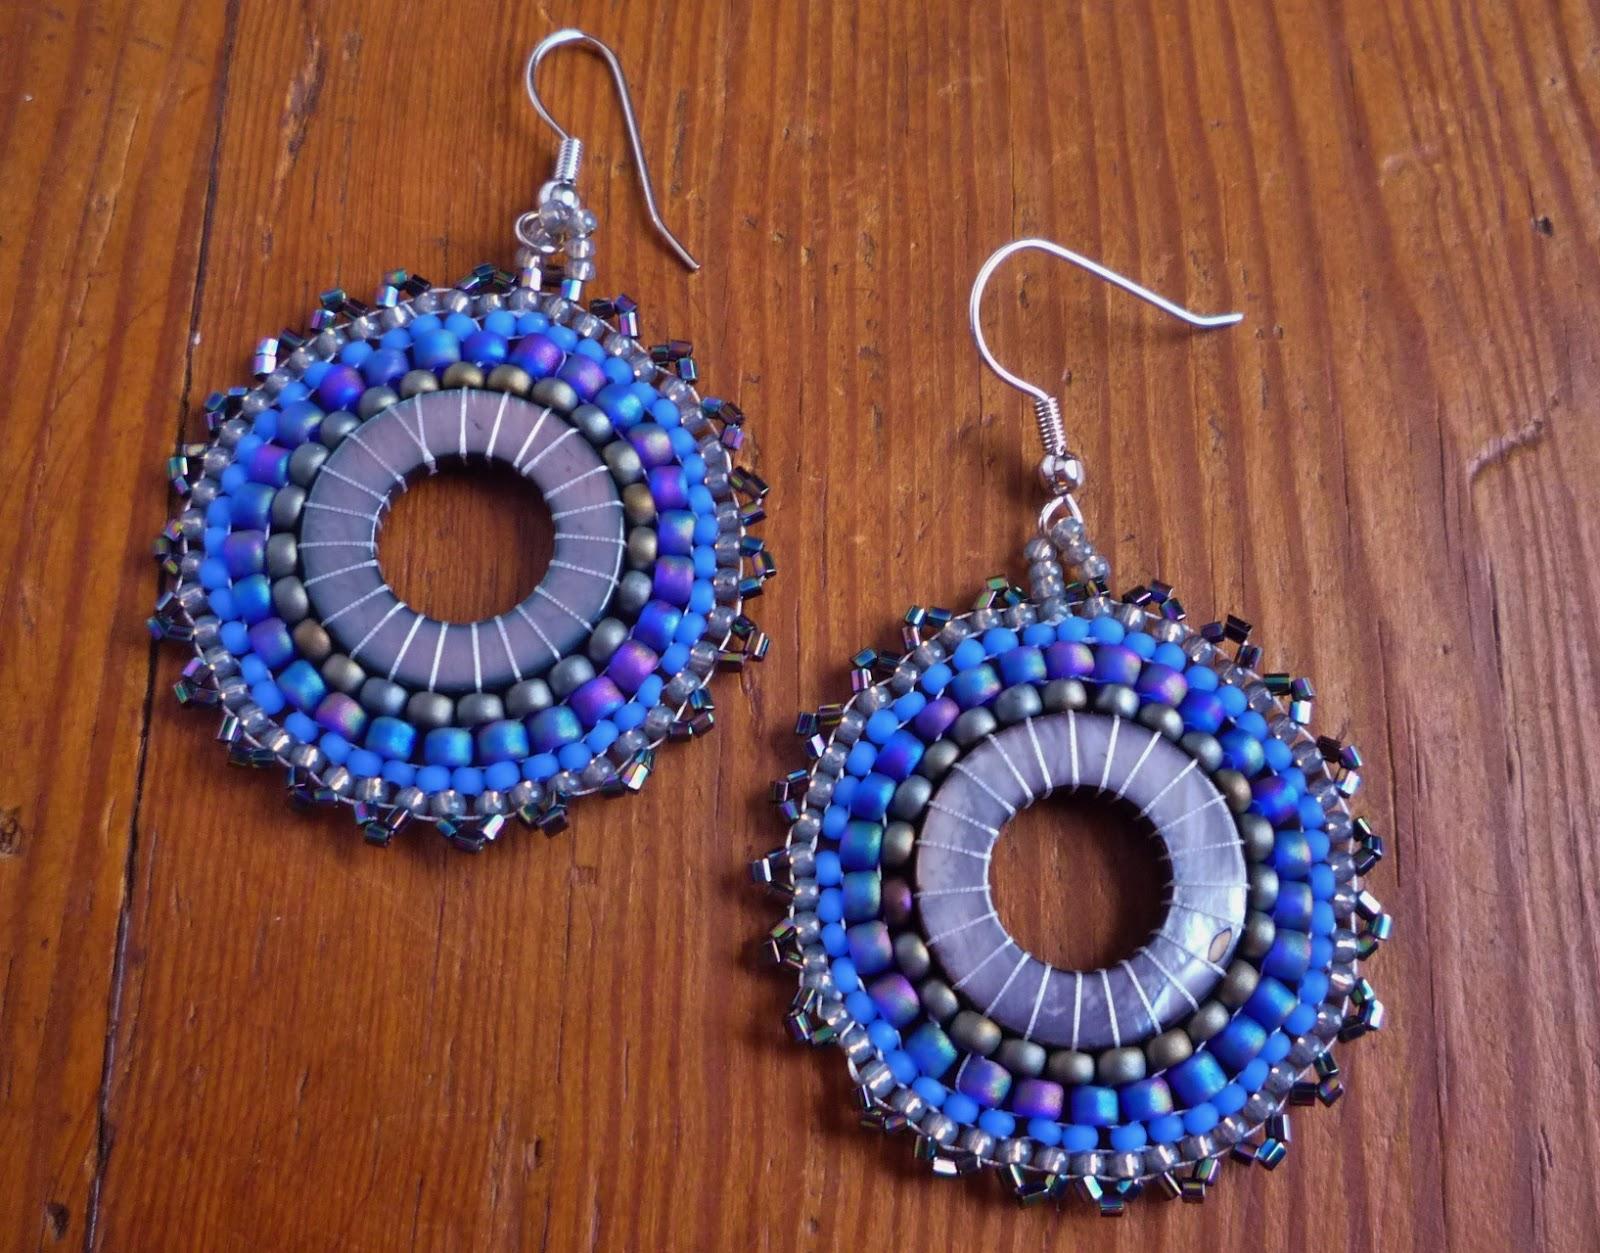 Diva Design: Blue Ridge Diva Designs: Blues & Grays In Circular Brick